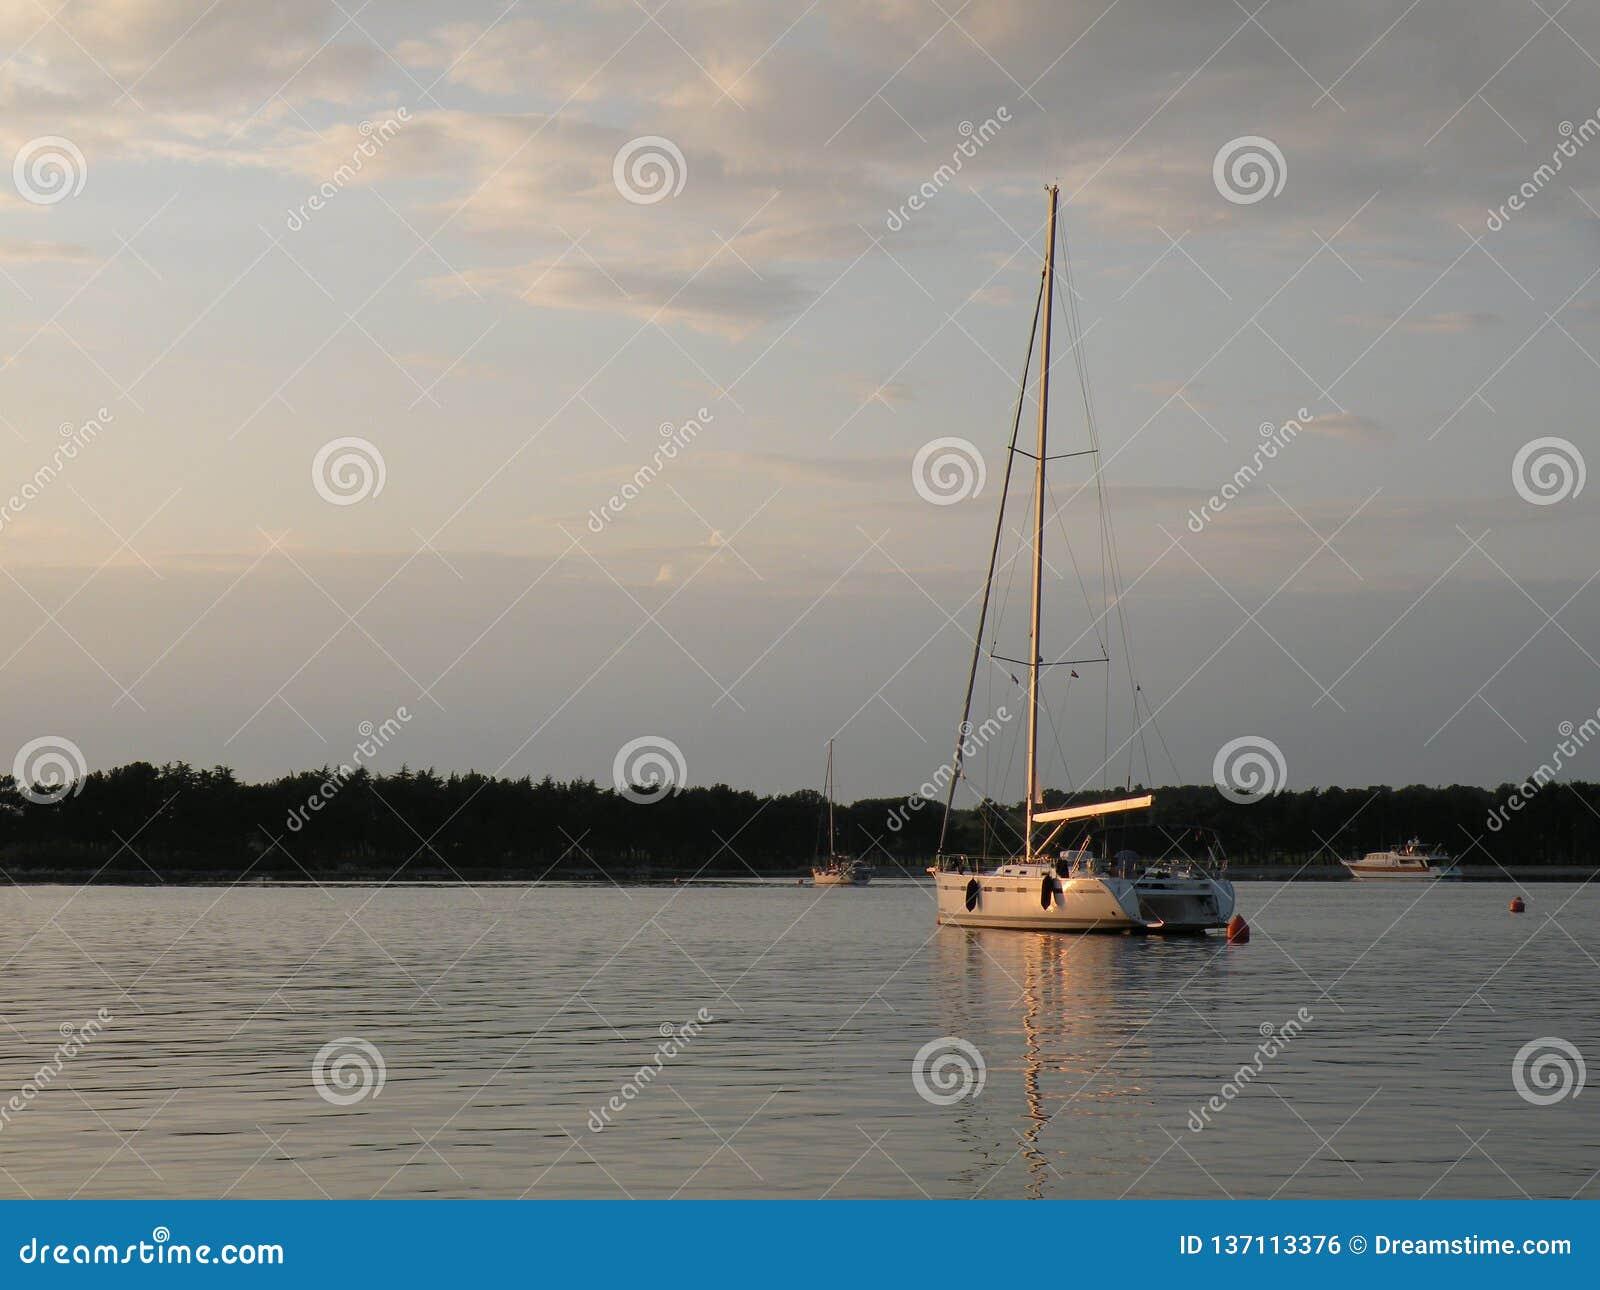 Segelboote und Yachten schwimmen auf eine ruhige Oberfläche von theAdriatic Meer, Kroatien, Europa Im Hintergrund die Küste mit m